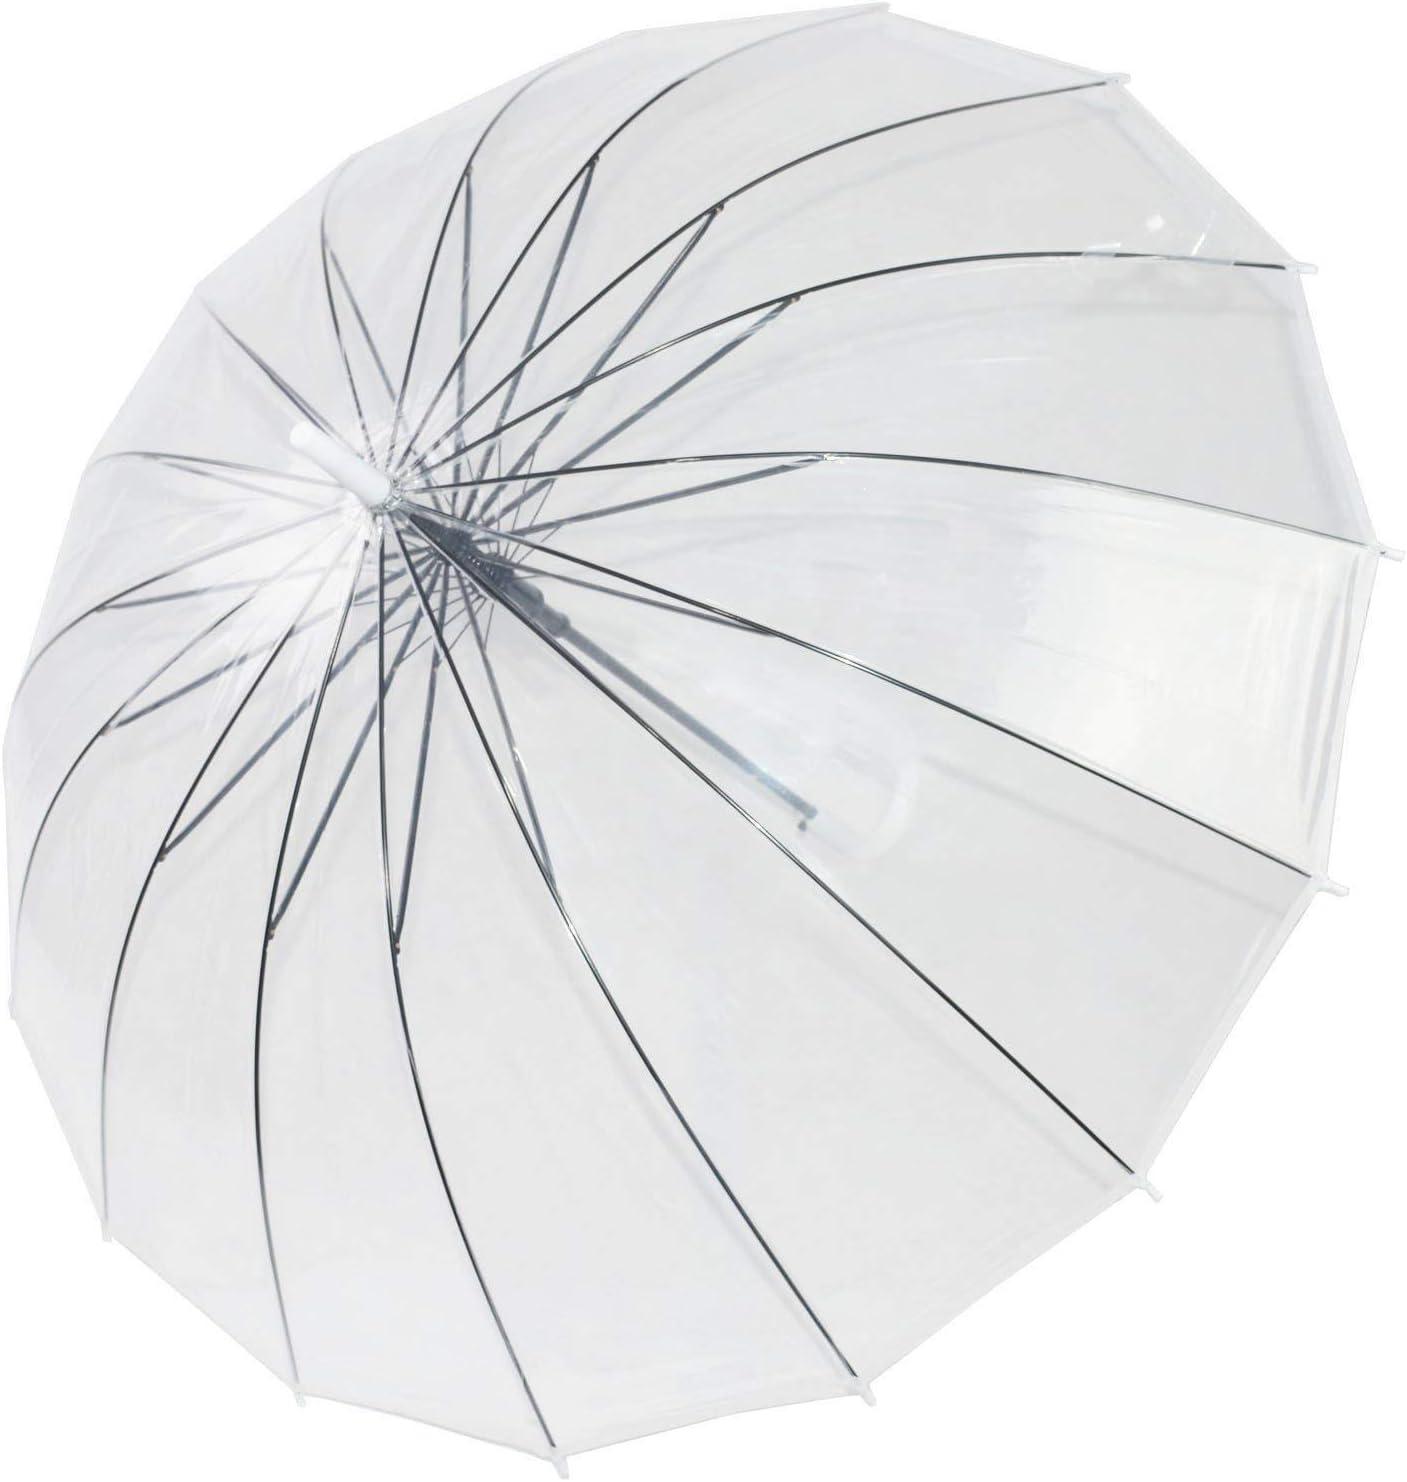 Ouverture et Fermeture Automatique Femmes Personnalis/é KS25B Compact et Pliable,et Sorties en Plein air ThreeH Parapluie Transparent dimpression de Voyage Coupe-Vent Parapluie Pliant